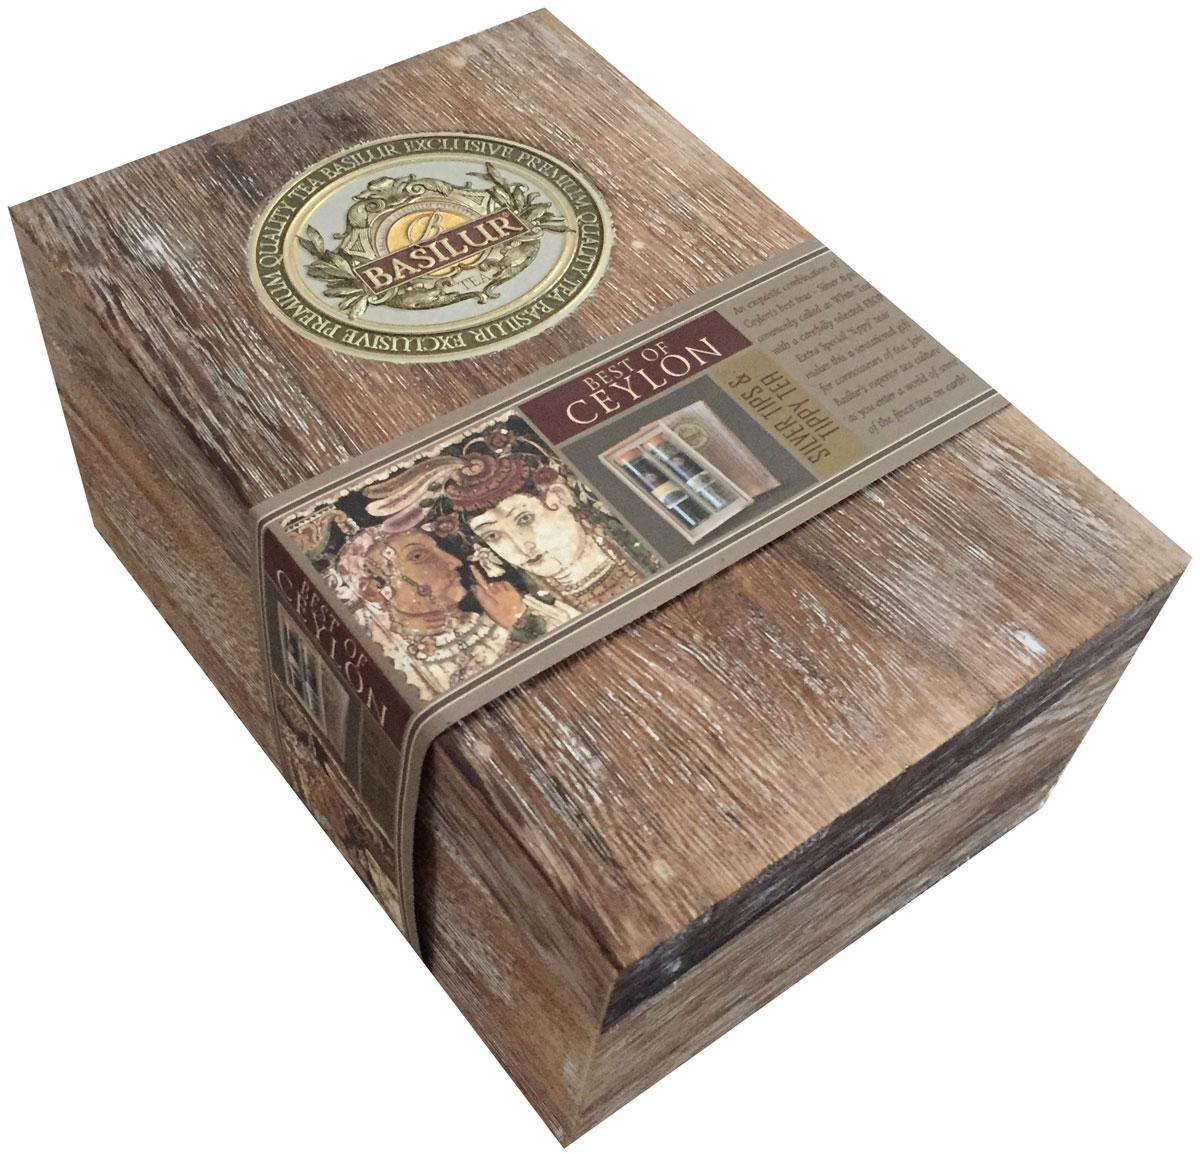 Basilur Павлония белый и черный чай подарочная шкатулка, 100 г71323-00Basilur представляет ограниченную серию, в которой воплощен весь уникальный опыт по созданию чая высочайшего класса. Уникальность серии заключается в использовании Серебряных Типсов и эксклюзивного сорта FBOPF ExSp, представленного только на о. Шри-Ланка. Серебряные типсы, также известные как белый чай – это еще не раскрывшиеся чайные почки, собранные вручную и высушенные на солнце, содержащие большое количество полифенолов. Сорт чая BFOPF ExSp - это воплощение роскоши в чайной индустрии, сочетание сильно закрученных чайных листьев и типсов. Чайный набор представлен в подарочной упаковке - чай в эксклюзивных стеклянных цилиндрах вложен в красиво оформленные миниатюрные деревянные коробочки Paulownia. Это по-настоящему инновационный продукт от Basilur, который сделает ваш подарок идеальным для любого случая!Чай в стеклянный цилиндрах, упакованный в деревянную коробку.